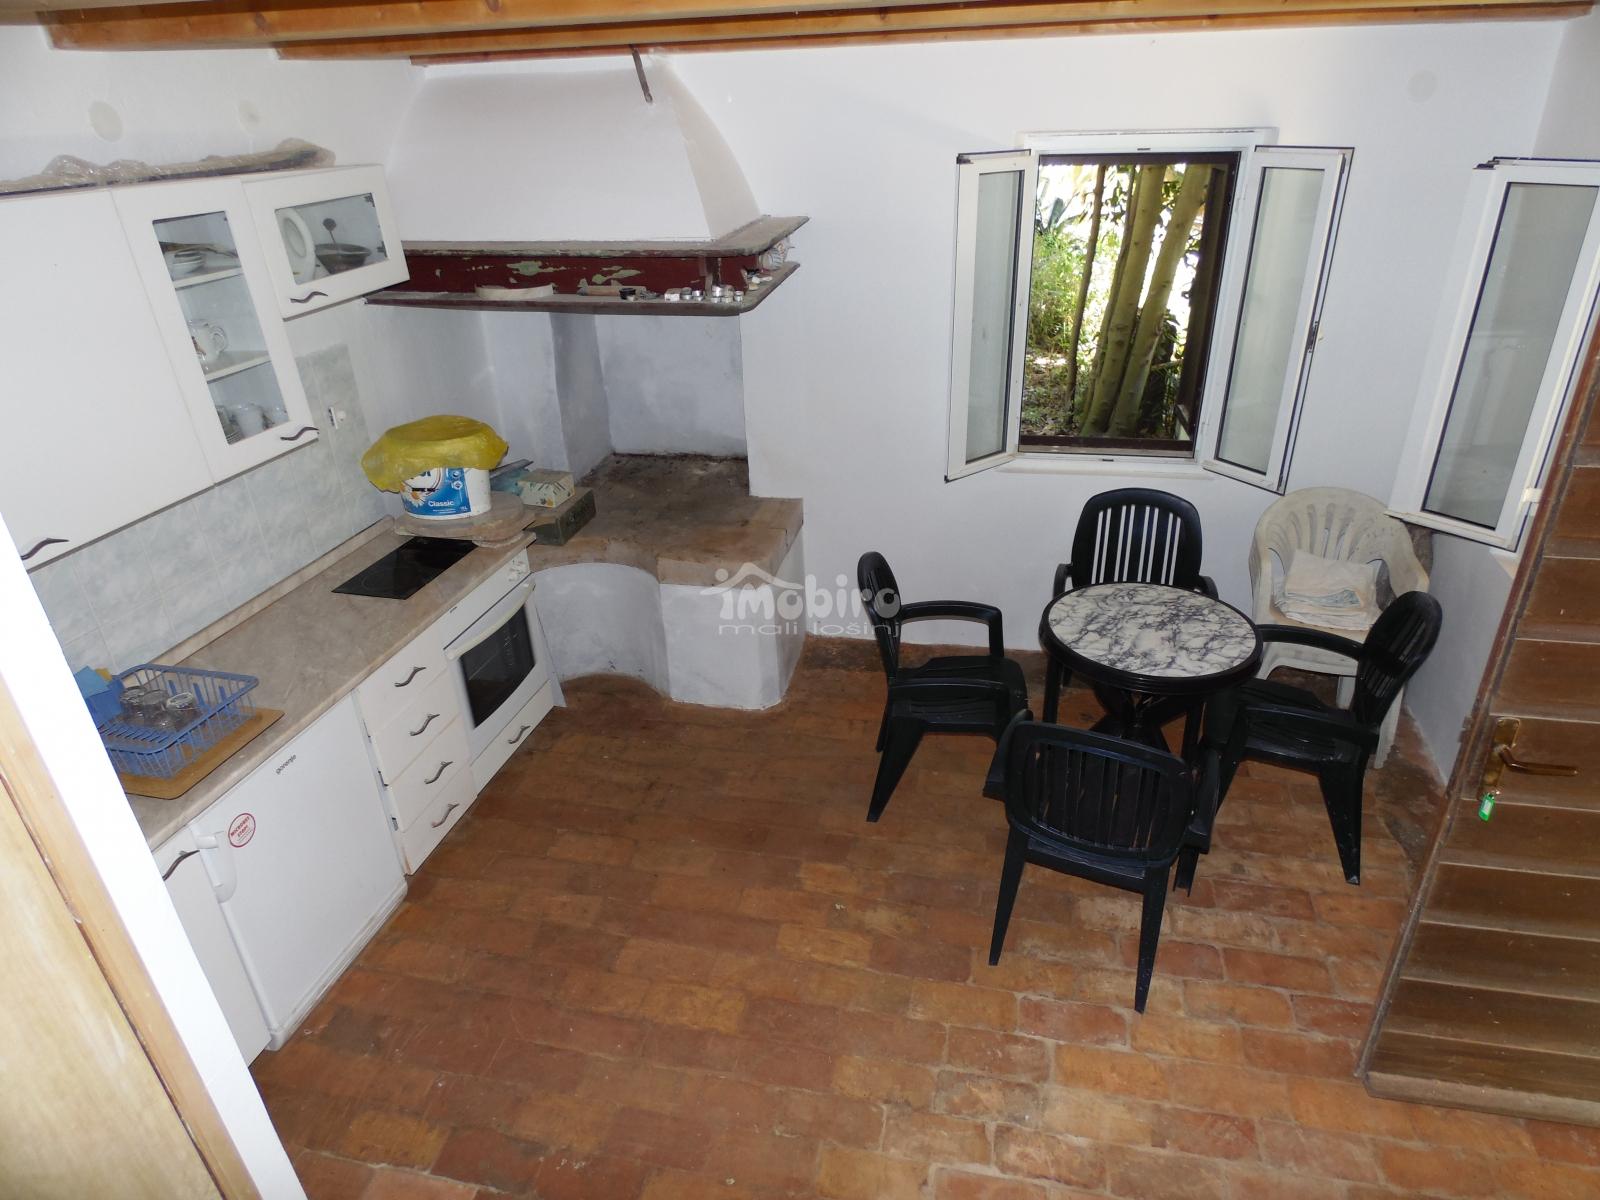 Renoviertes Haus zum Verkauf auf Male Srakane Insel, Haus